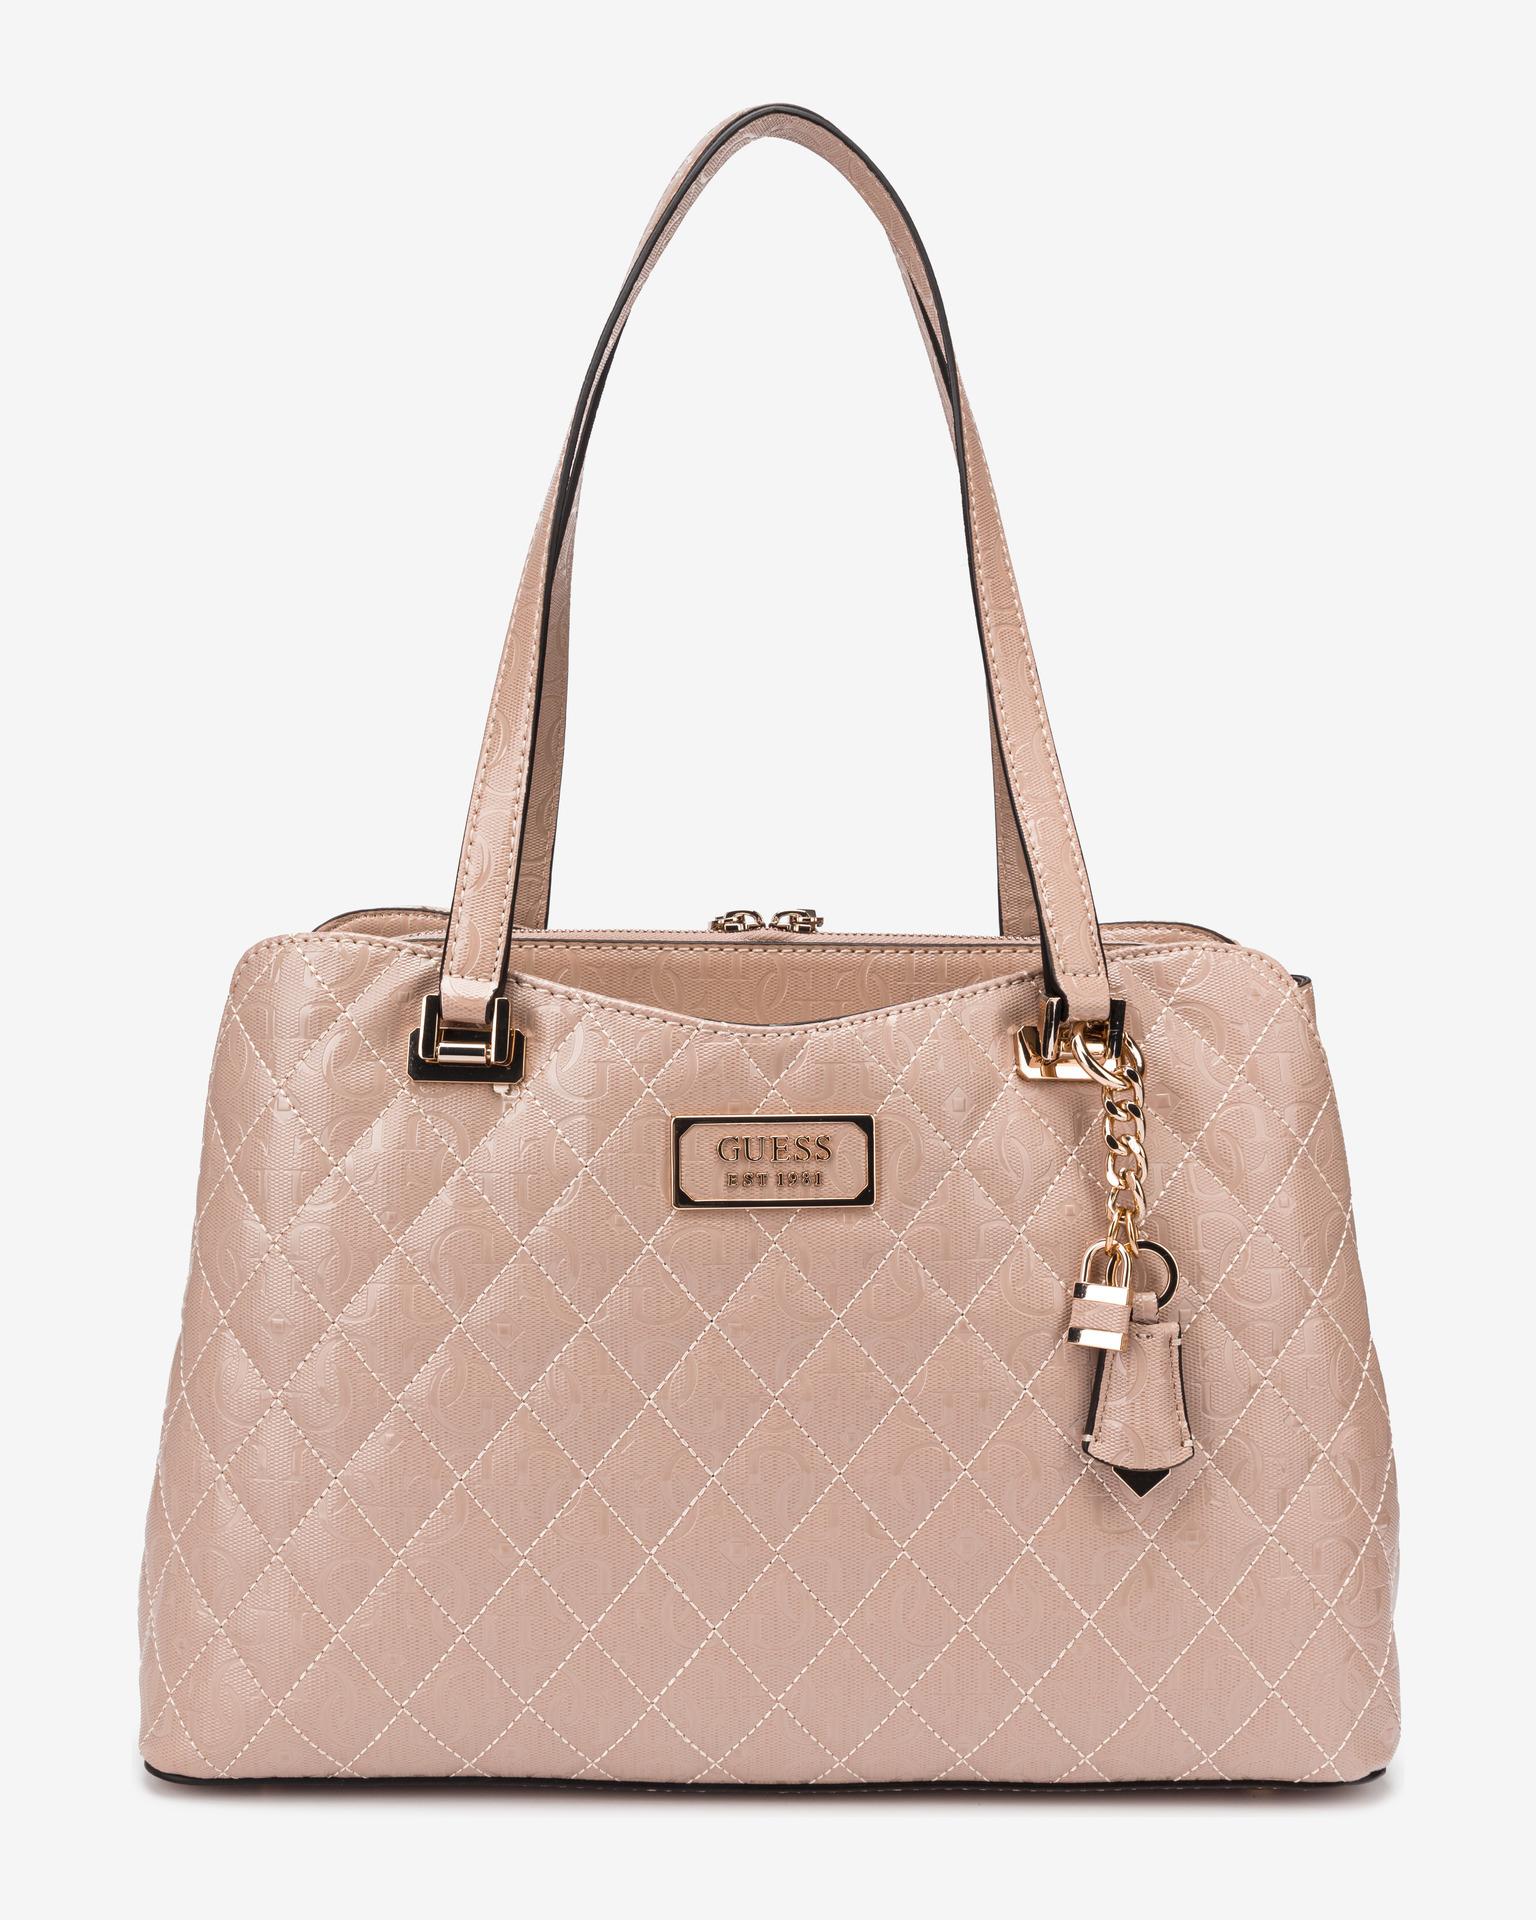 Guess handbag Lola